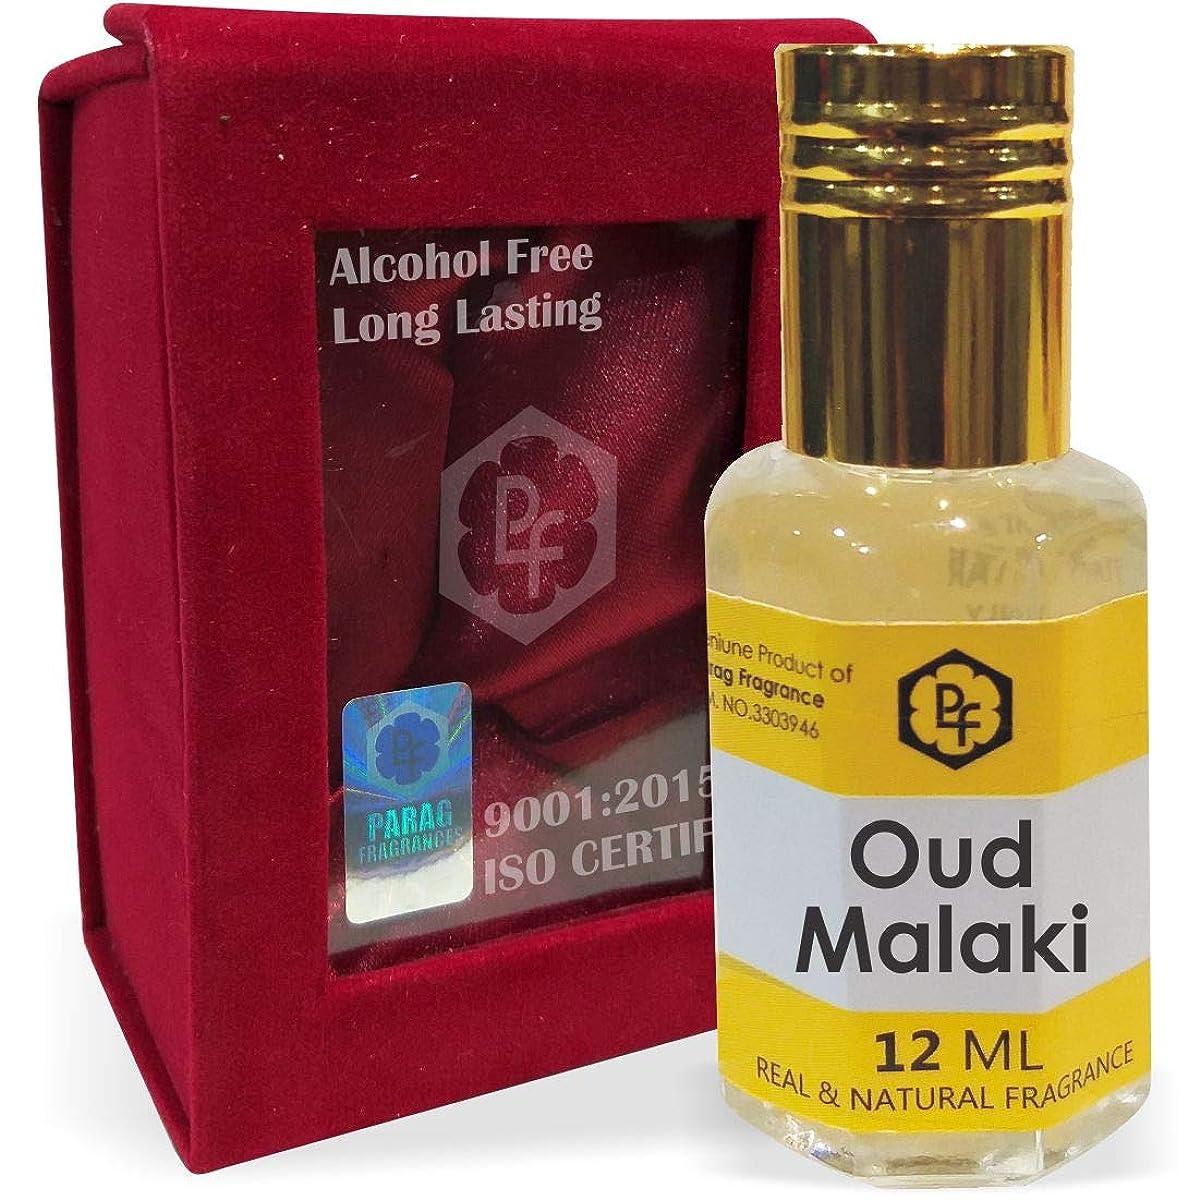 強要法律前提手作りのベルベットボックスParagフレグランスウードMalaki 12ミリリットルアター/香油/(インドの伝統的なBhapka処理方法により、インド製)フレグランスオイル|アターITRA最高の品質長持ち